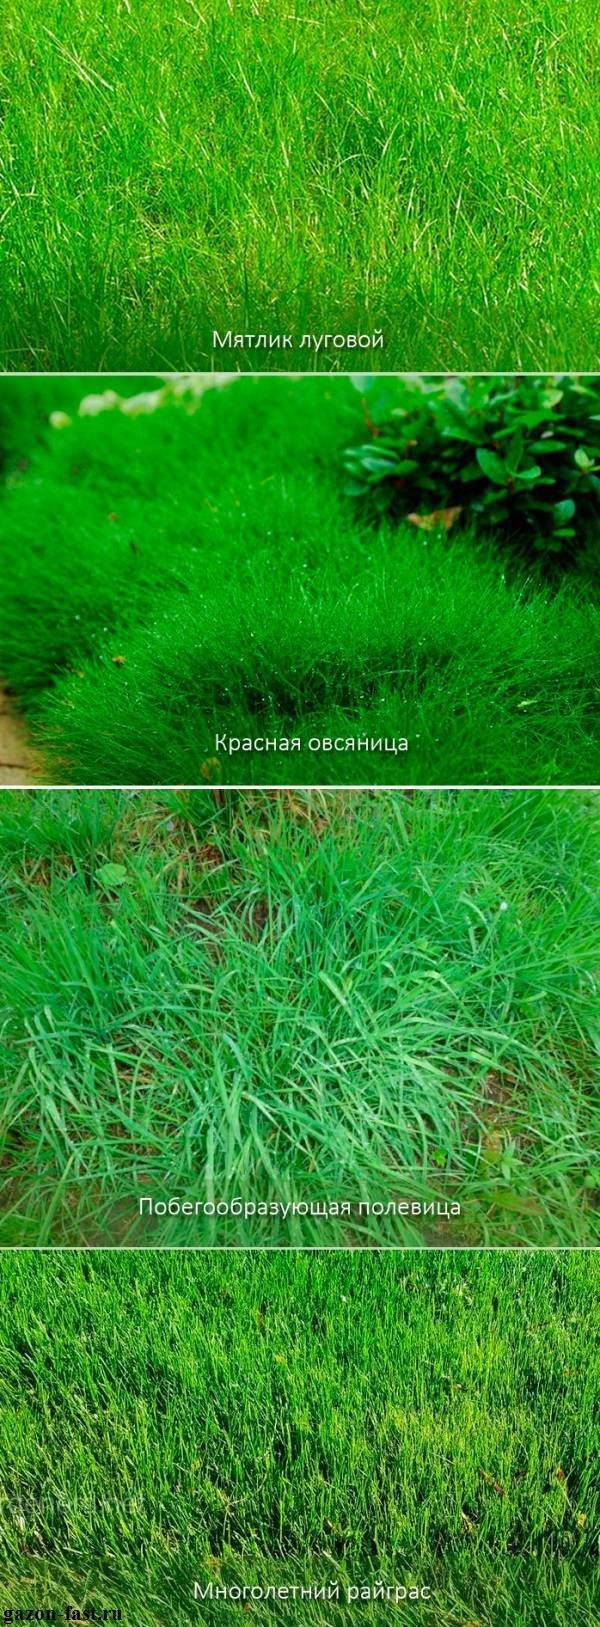 Виды газонной травы с фото, названиями и описанием. газонные травы сорта